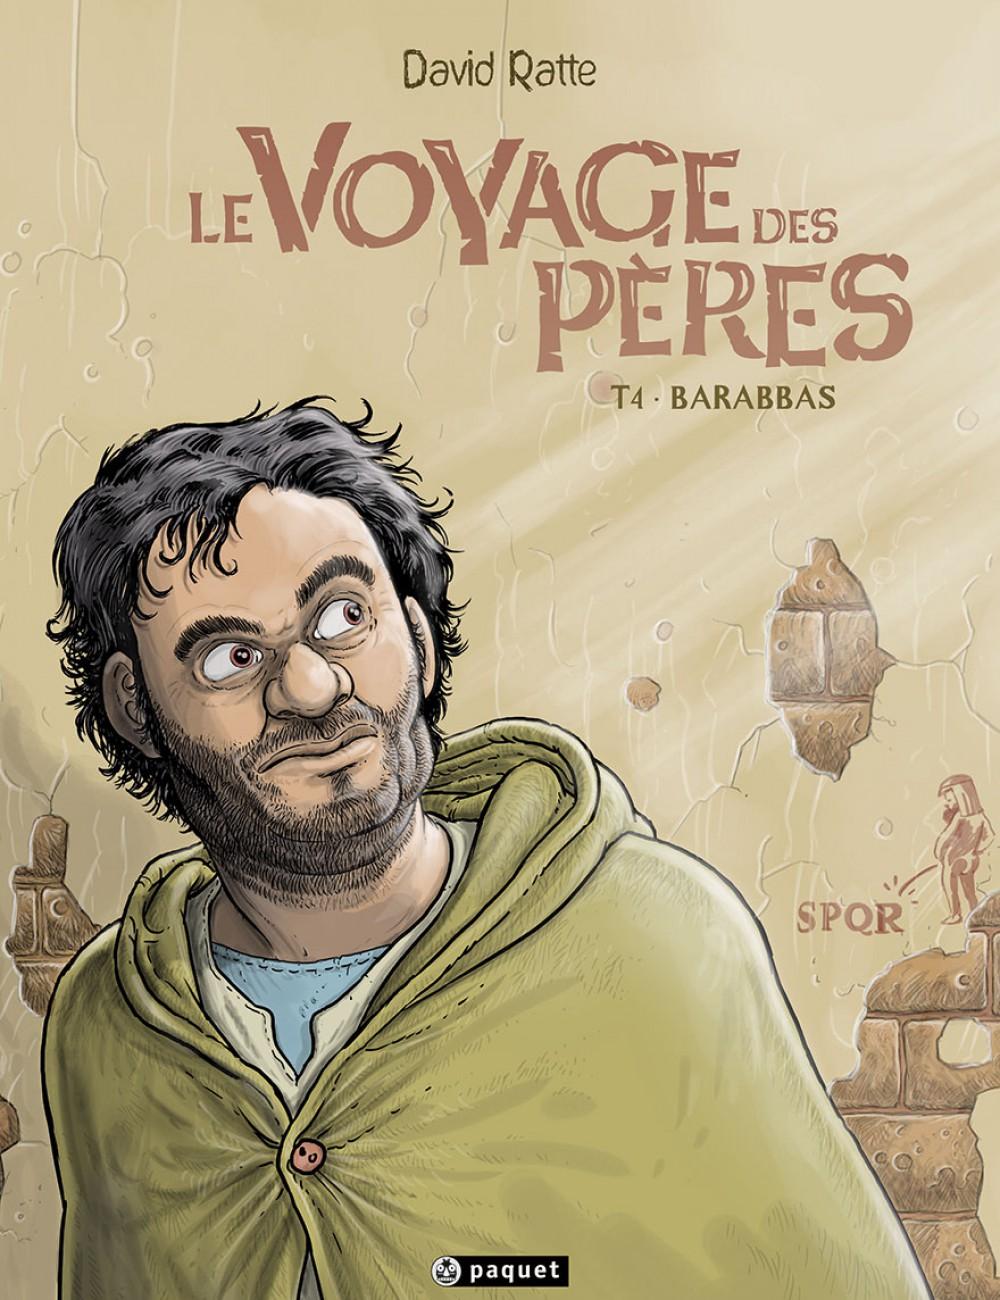 Le Voyage des Pères #4, Barabbas, Paquet, David Ratte